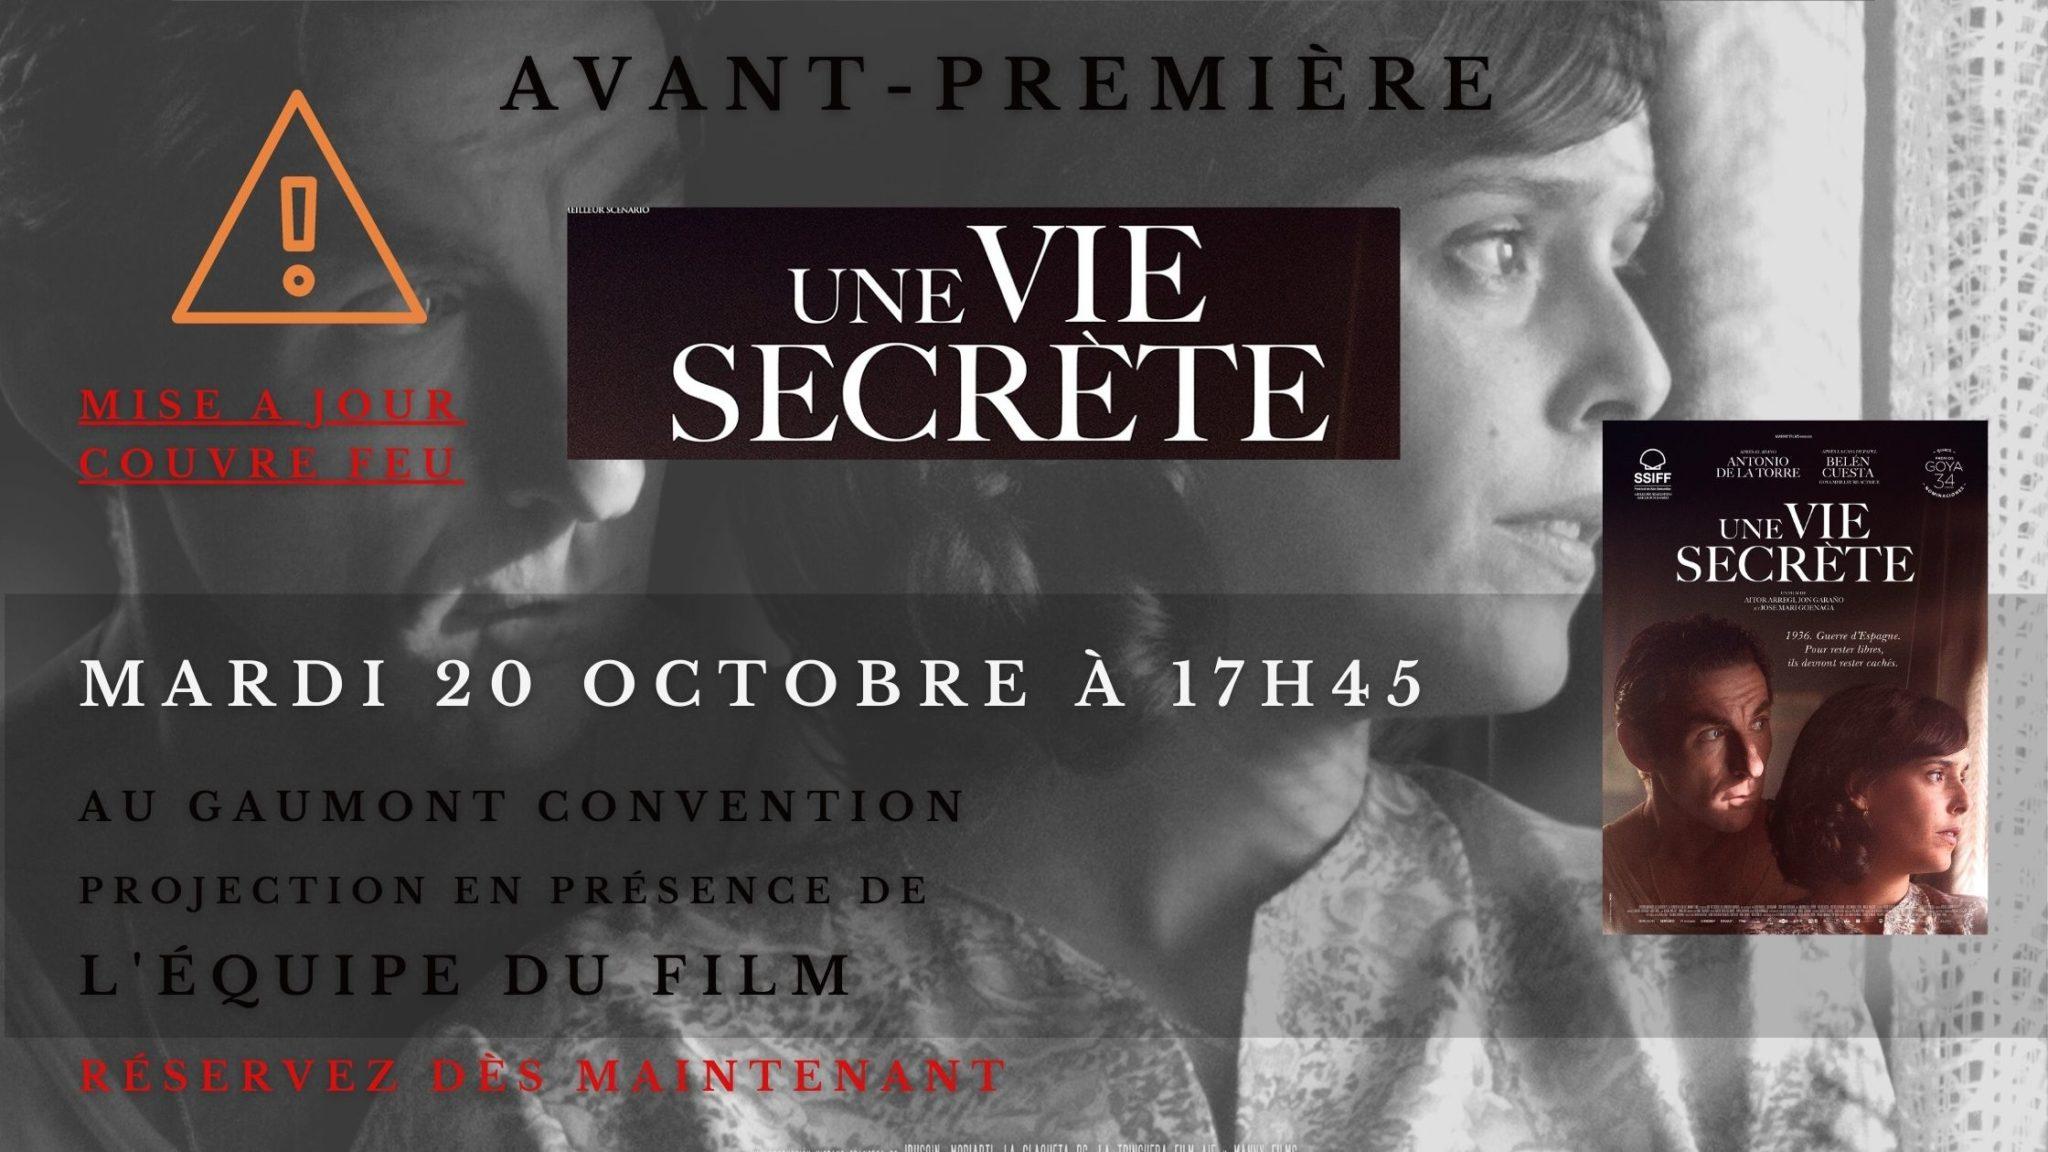 avant-PREMIÈRE exceptionnelle - une vie secrète en présence de l'équipe du film mardi 20 octobre à 20h00 au gaumont convention (1)